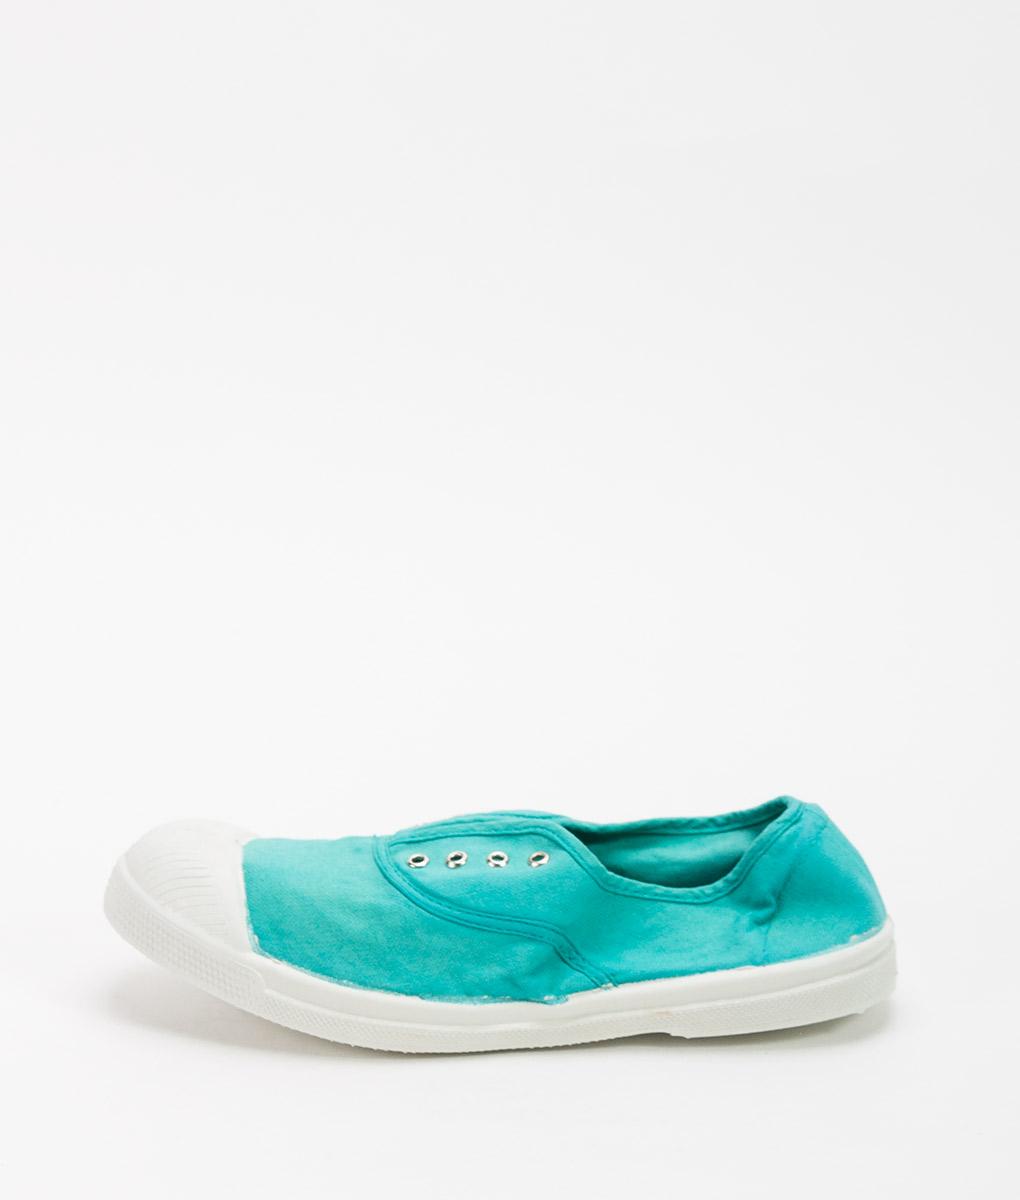 BENSIMON Women Sneakers 15149 ELLY, Lagoon 39.99 1